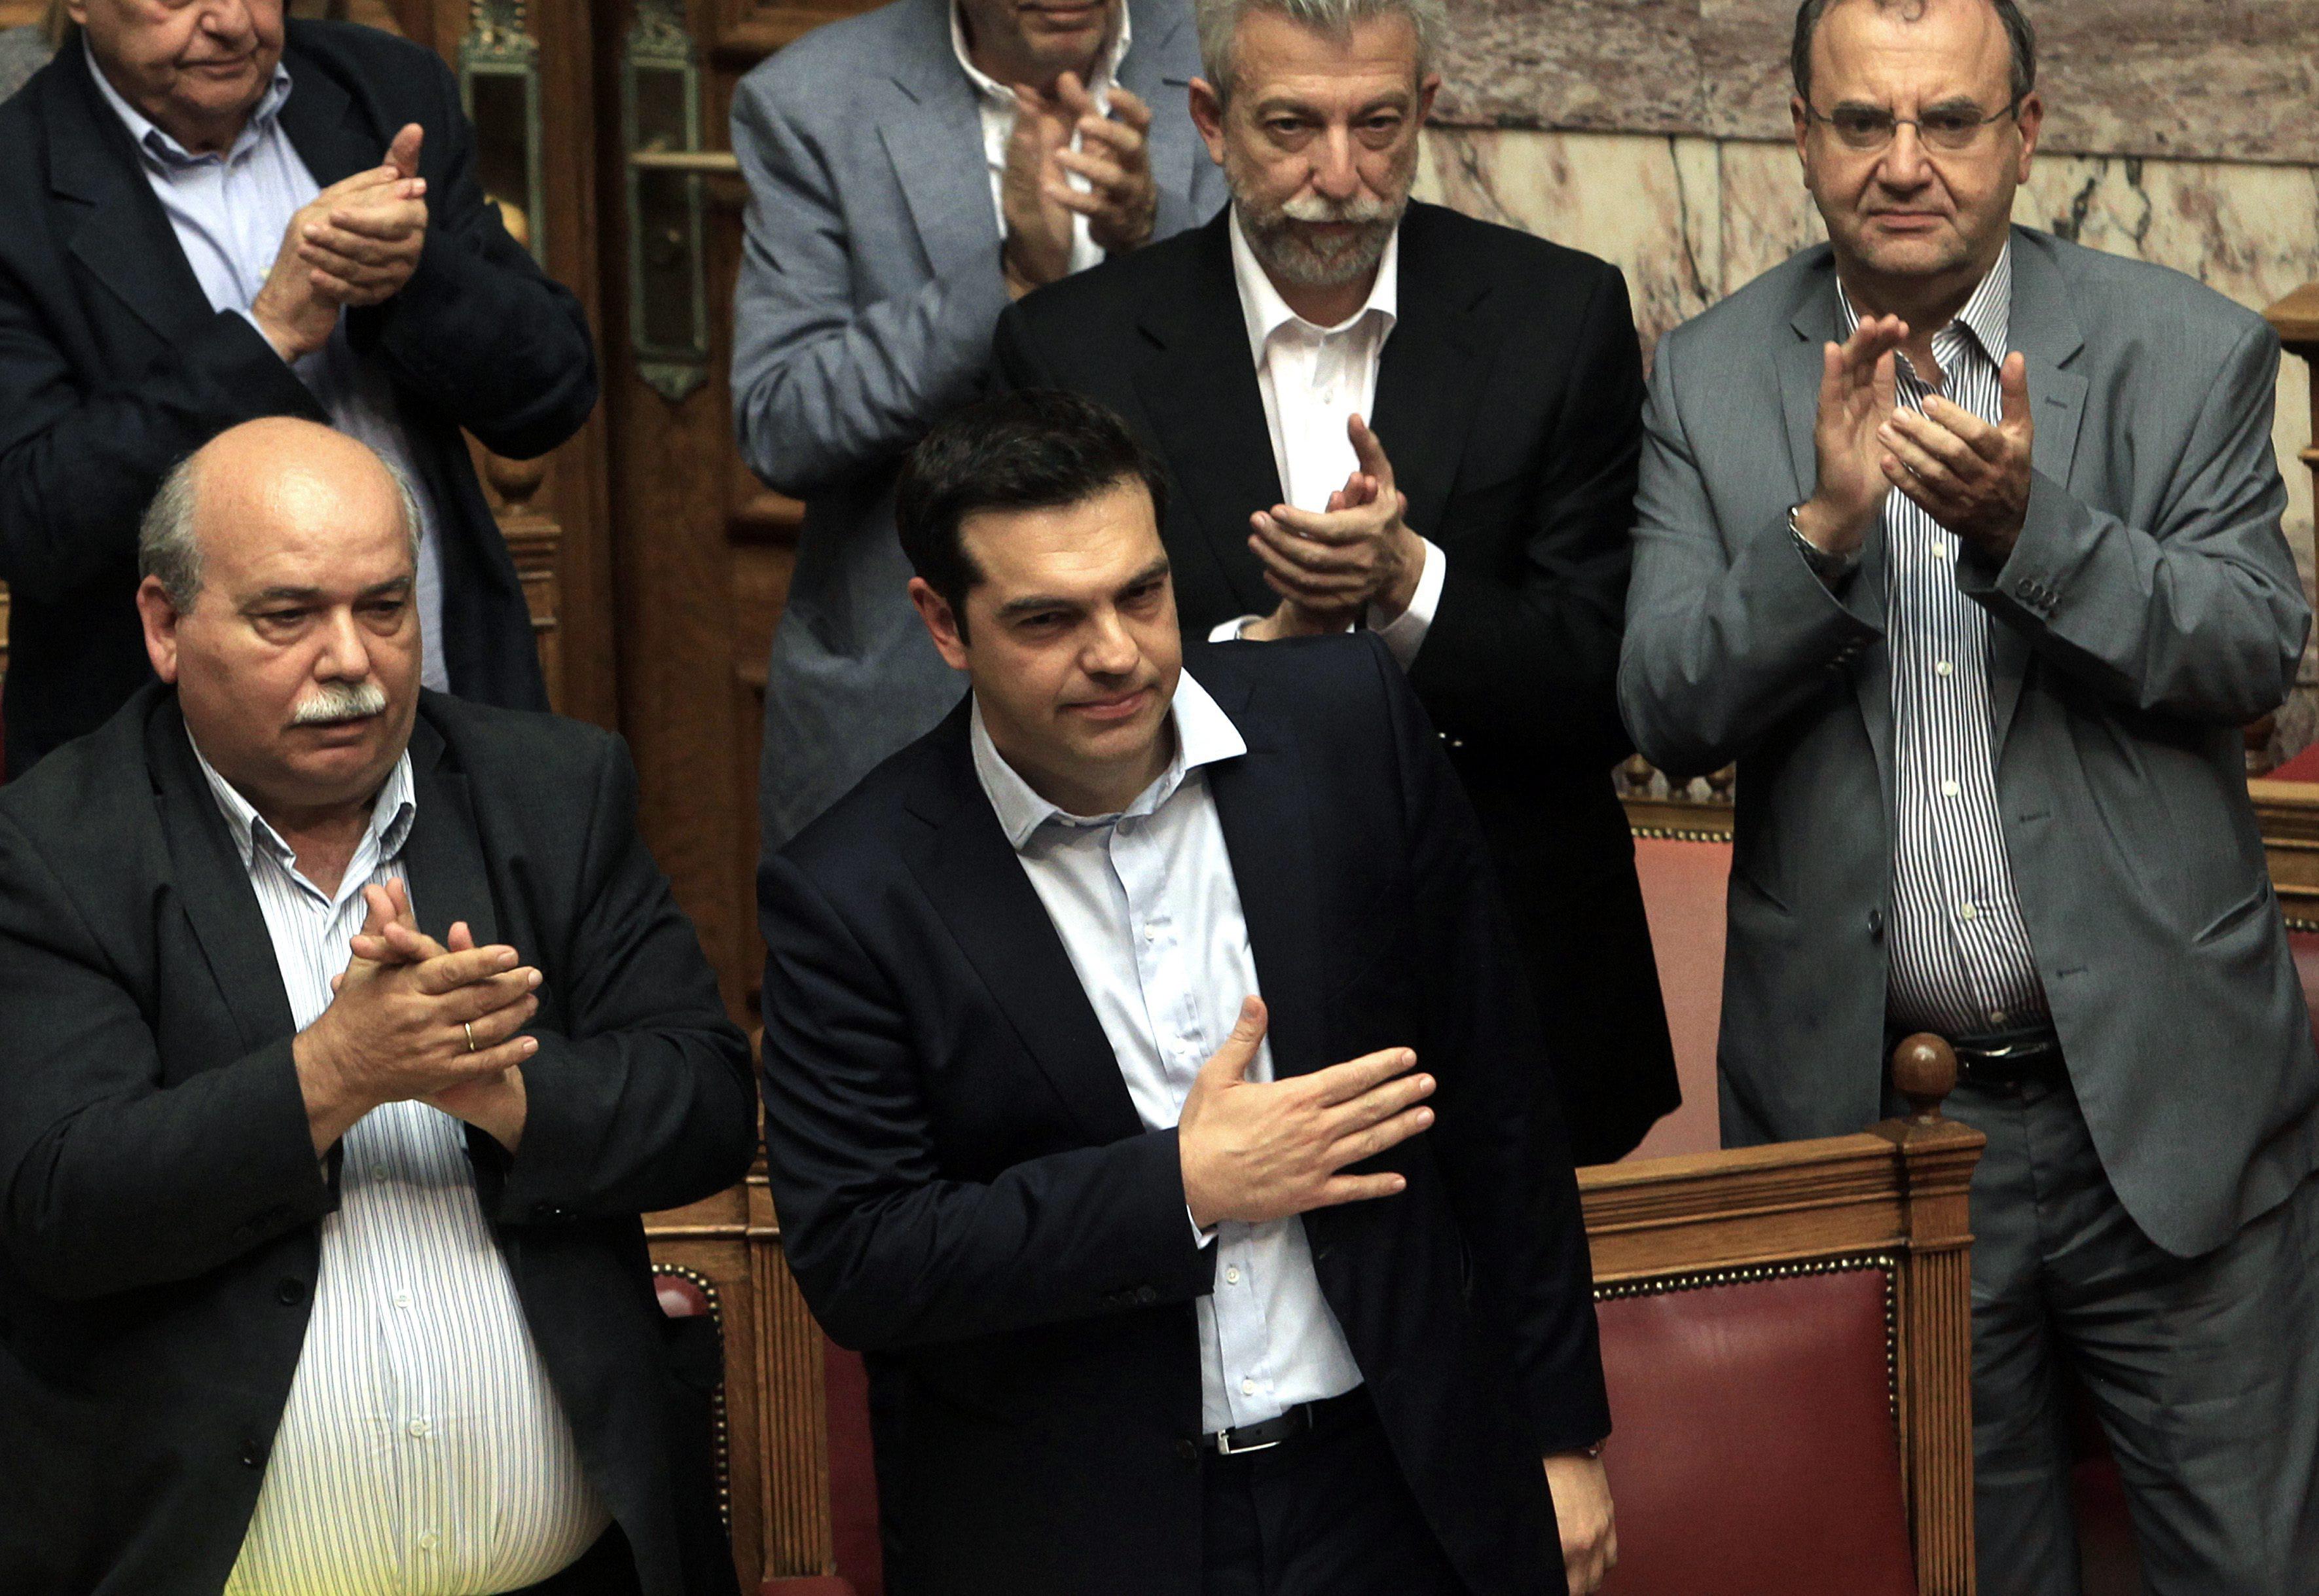 Premierul Alexis Tsipras a confirmat inchiderea temporara a bancilor din Grecia. Ce se intampla cu depozitele oamenilor